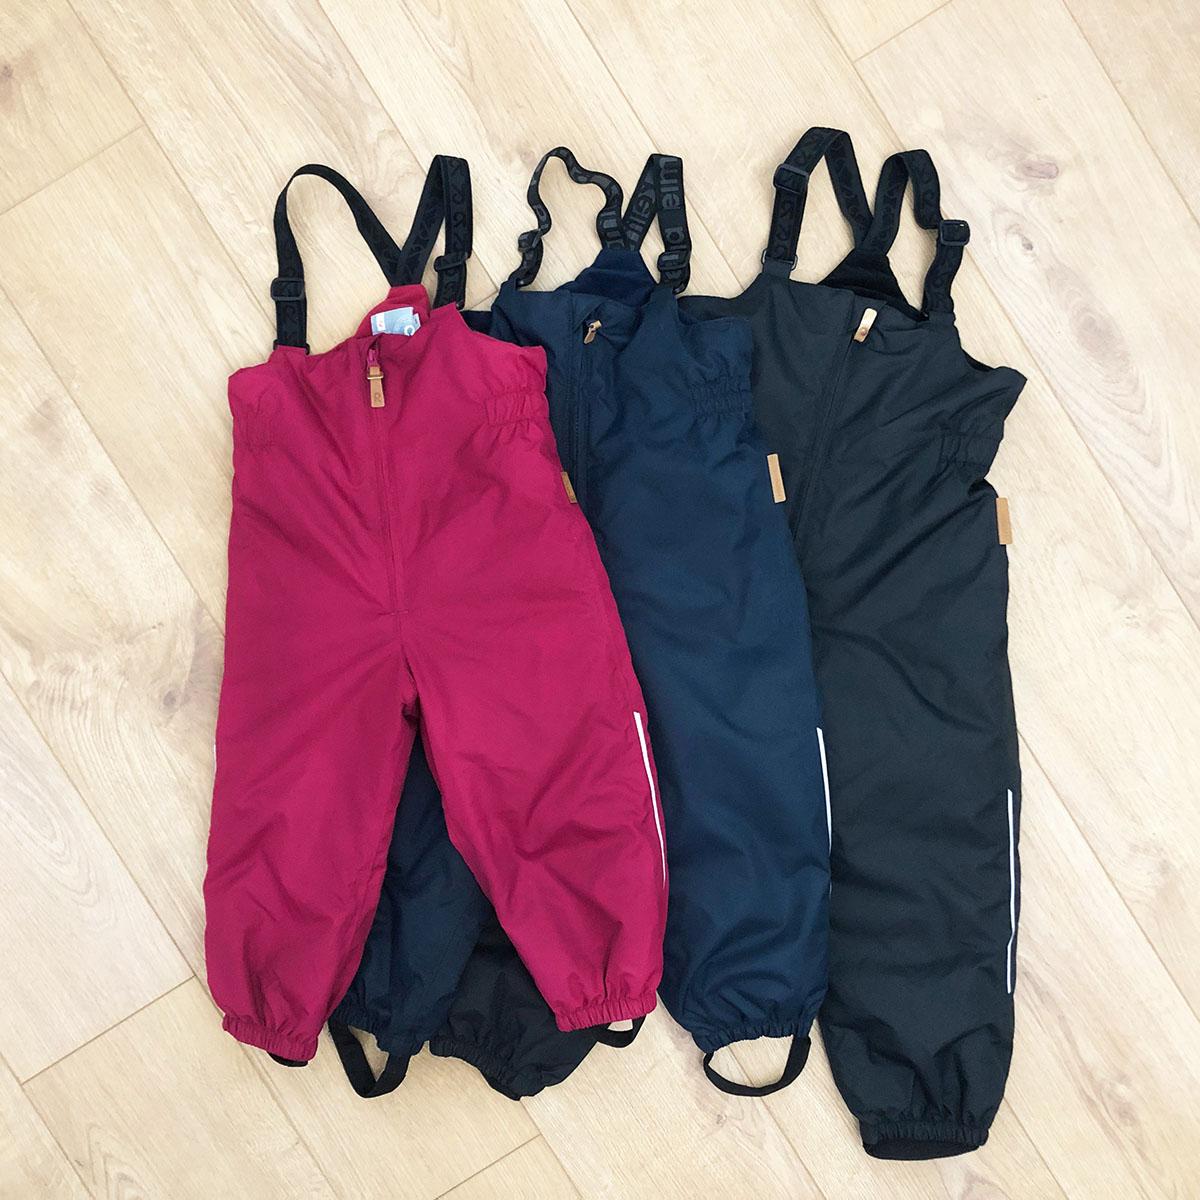 芬兰reima儿童高腰男女新款滑雪裤